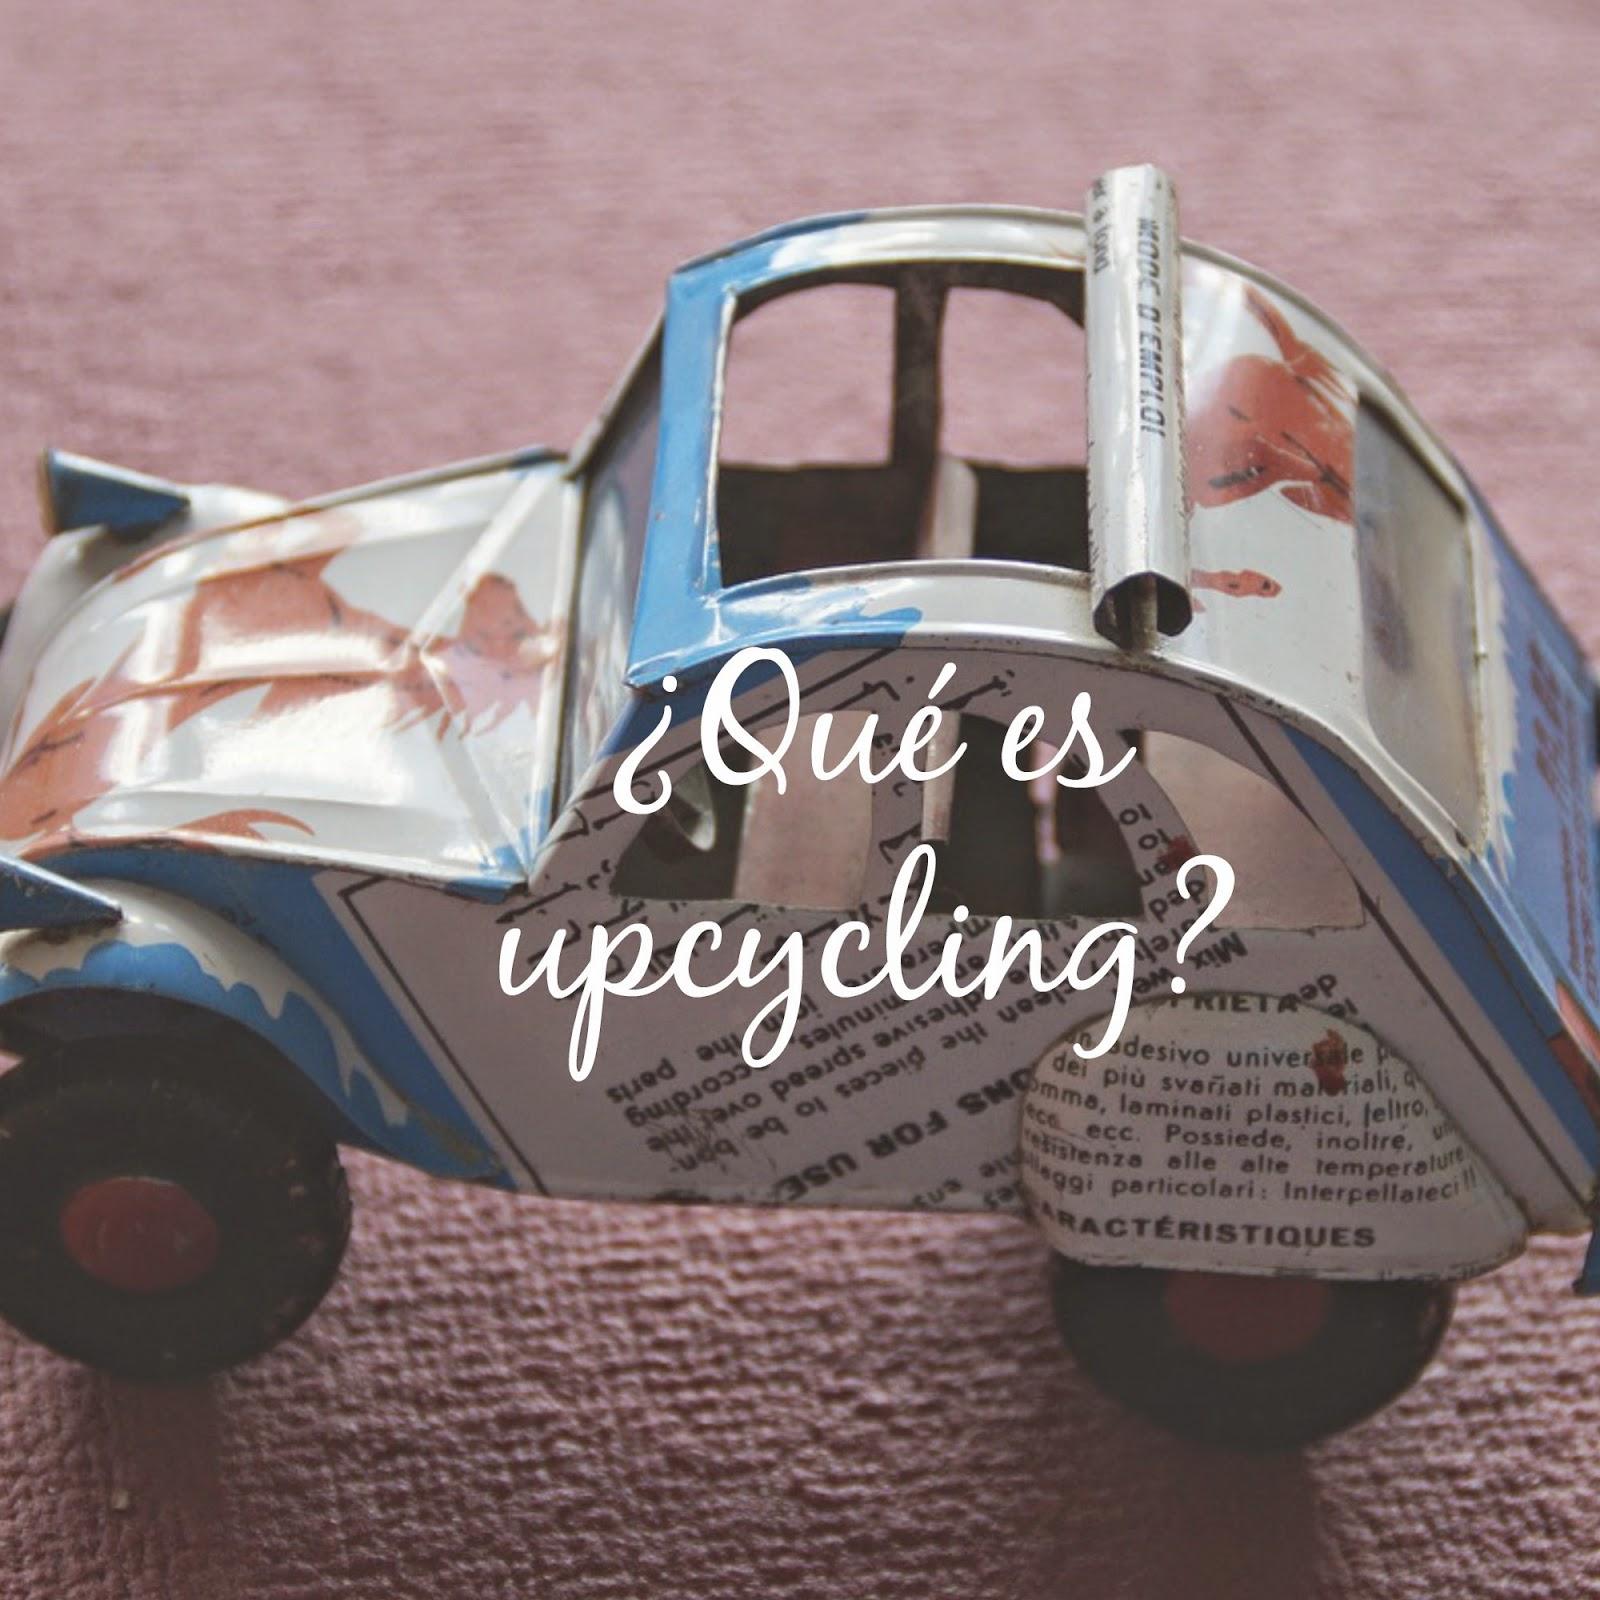 upcycling hipotesis gaia blog